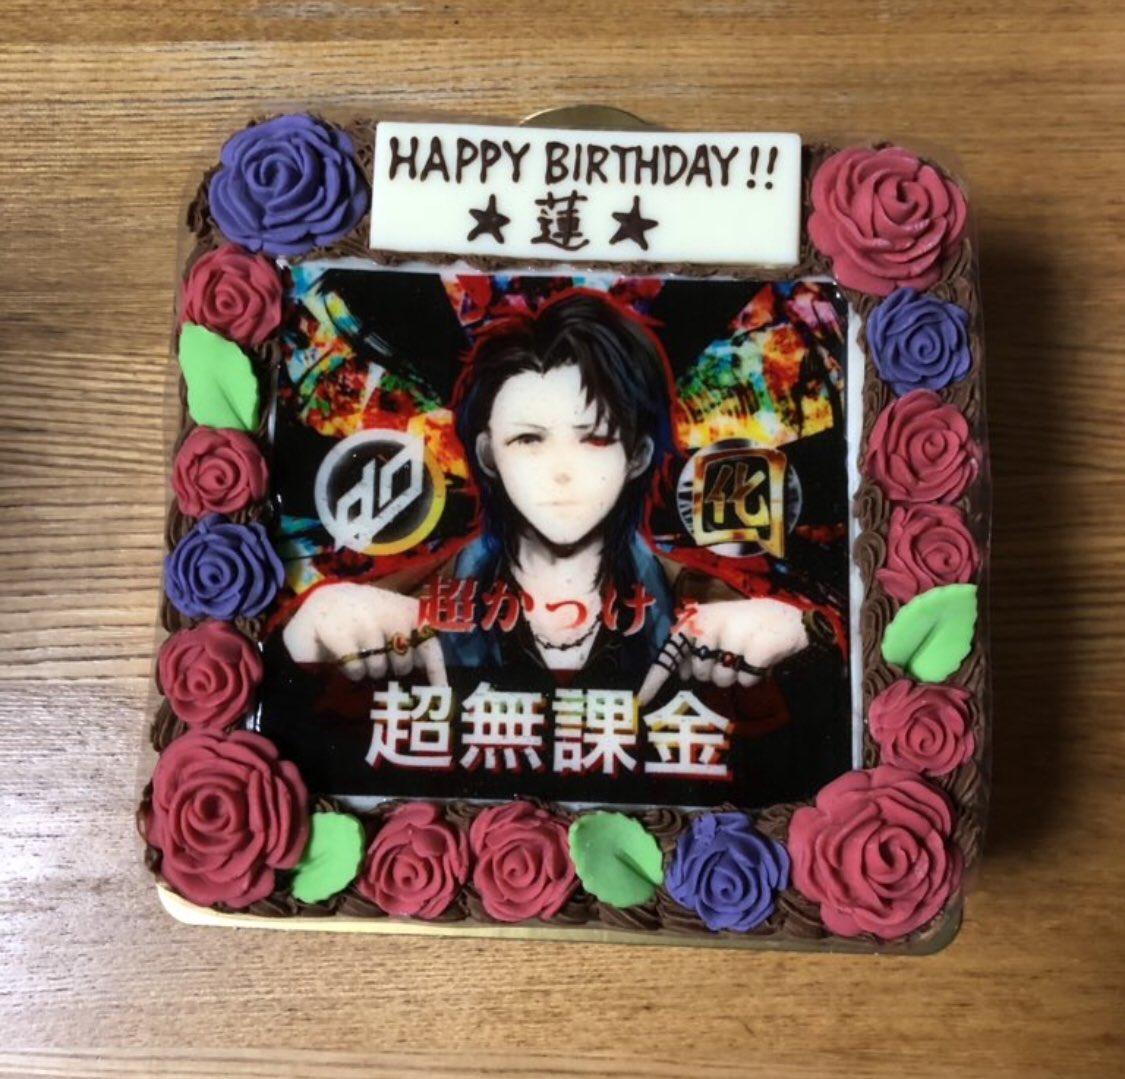 リスナーさんの子供の誕生日ケーキ!!